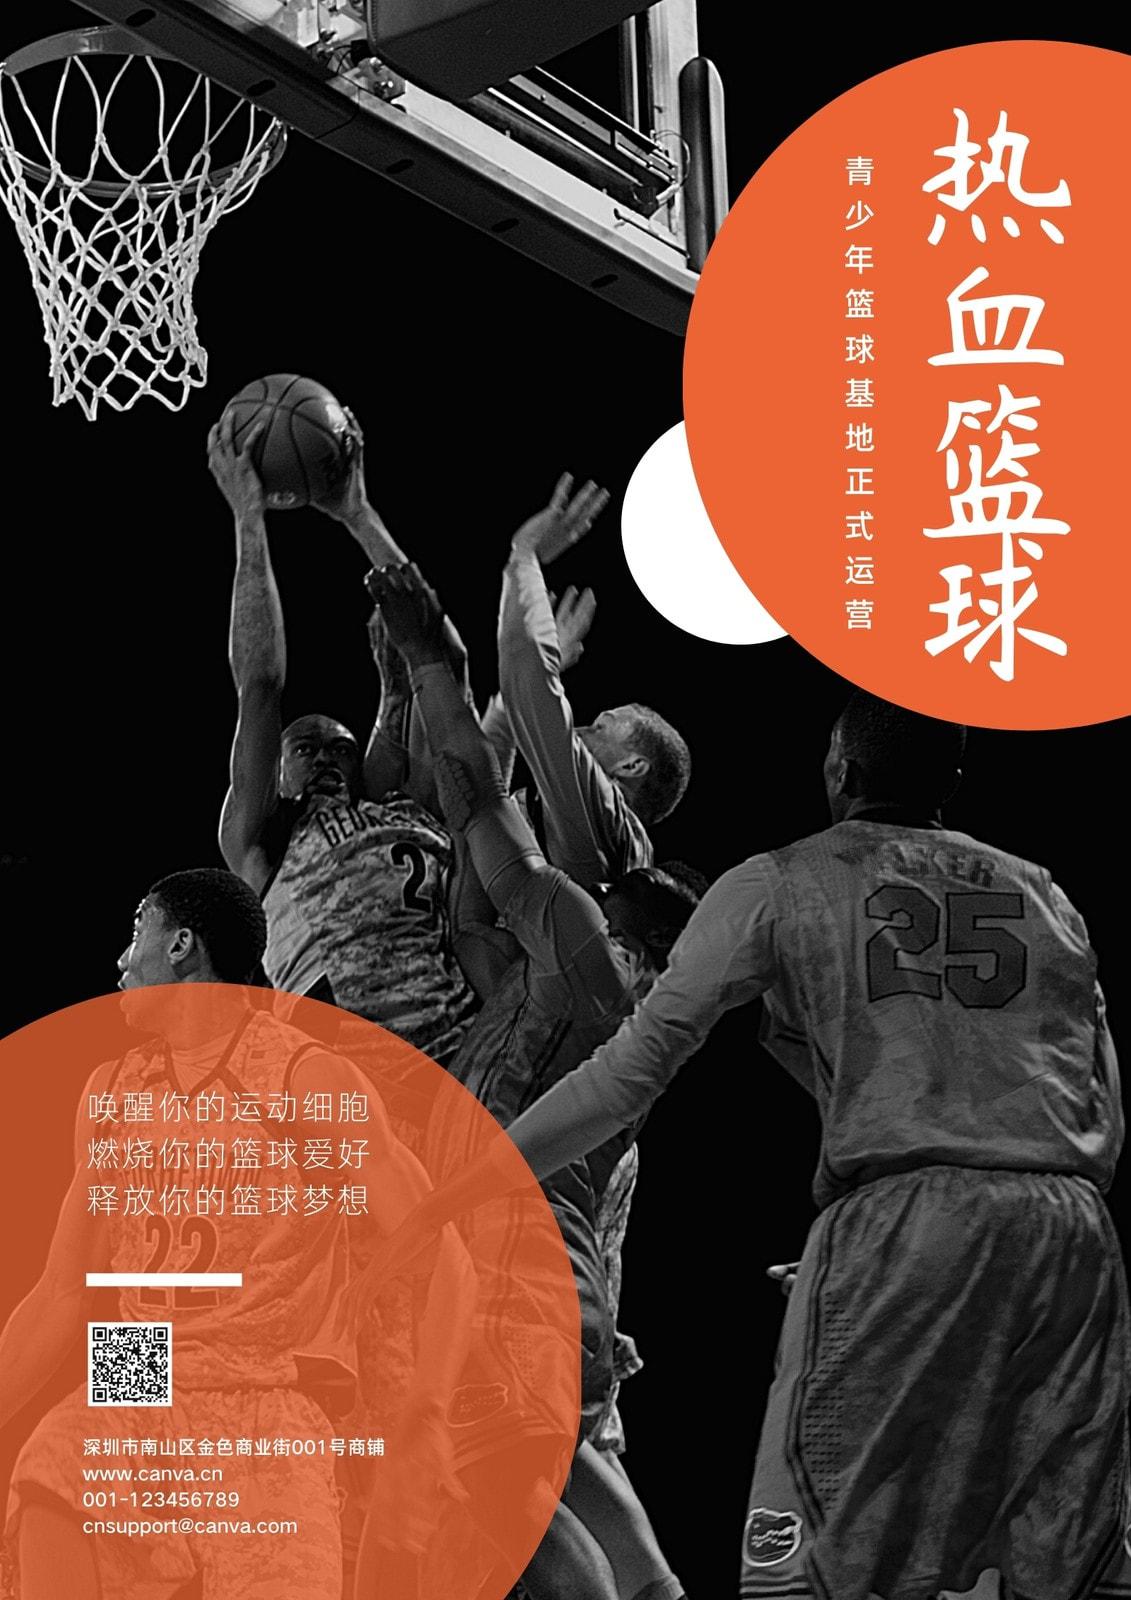 灰橙色运动员篮球圆形篮球基地促销海报